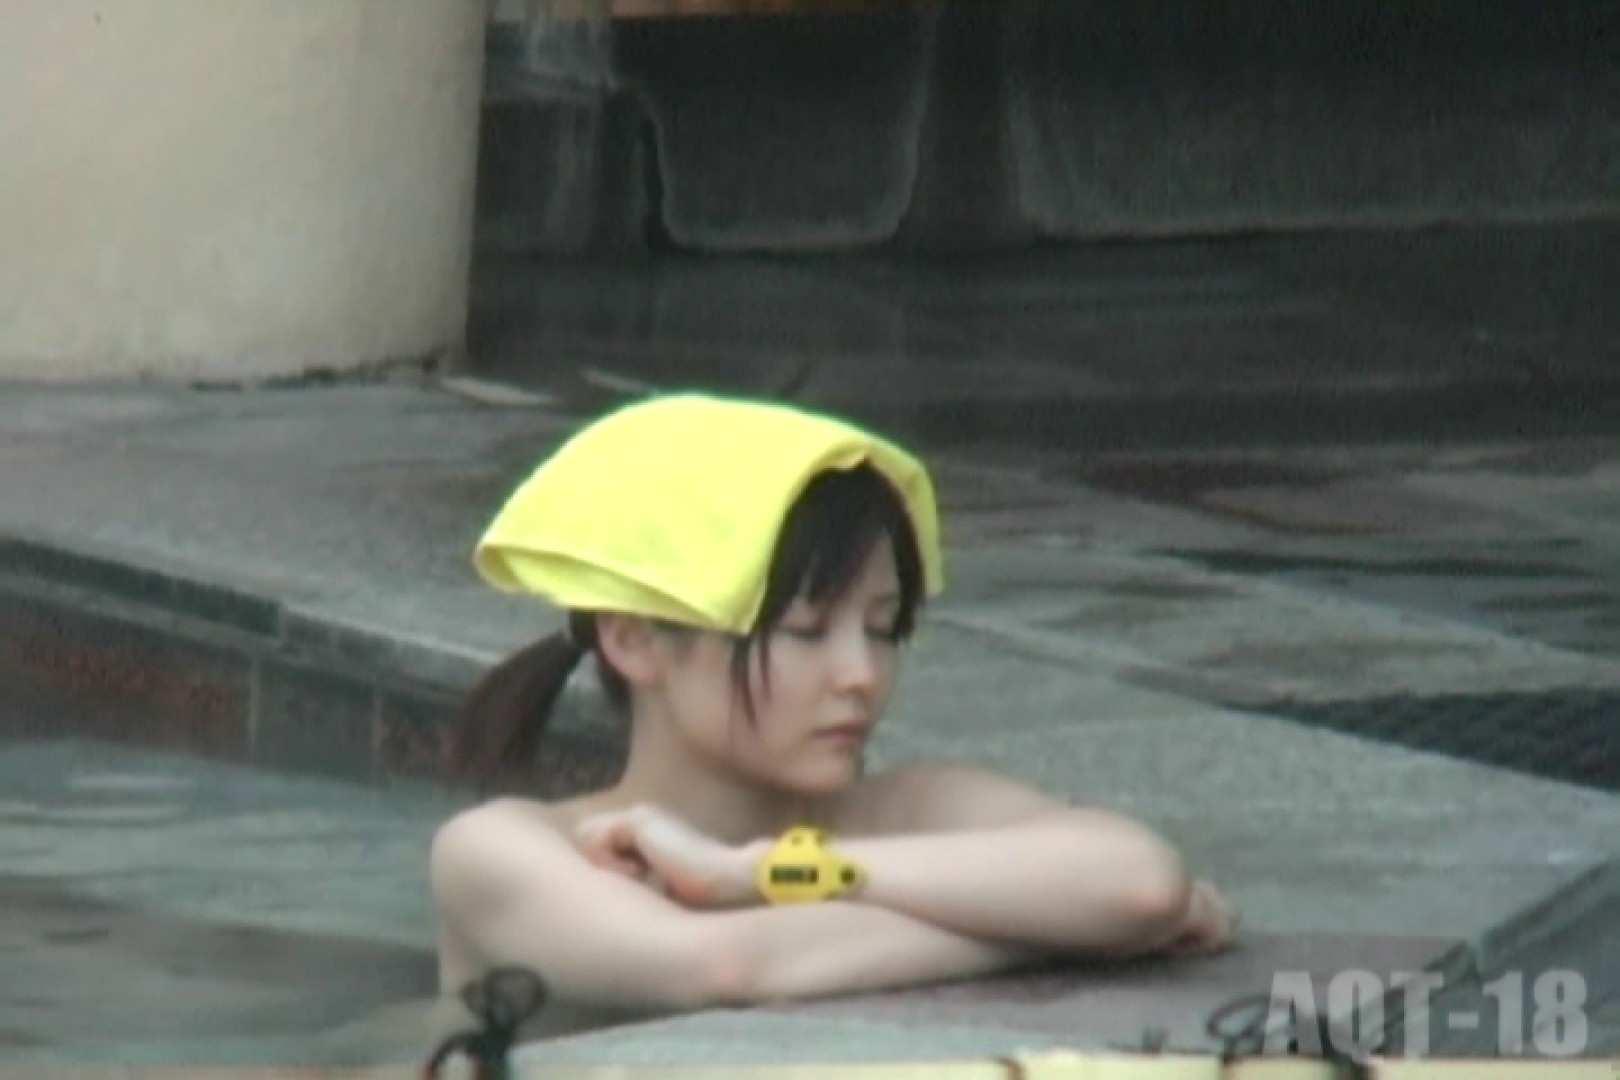 Aquaな露天風呂Vol.854 美しいOLの裸体 エロ無料画像 97pic 92